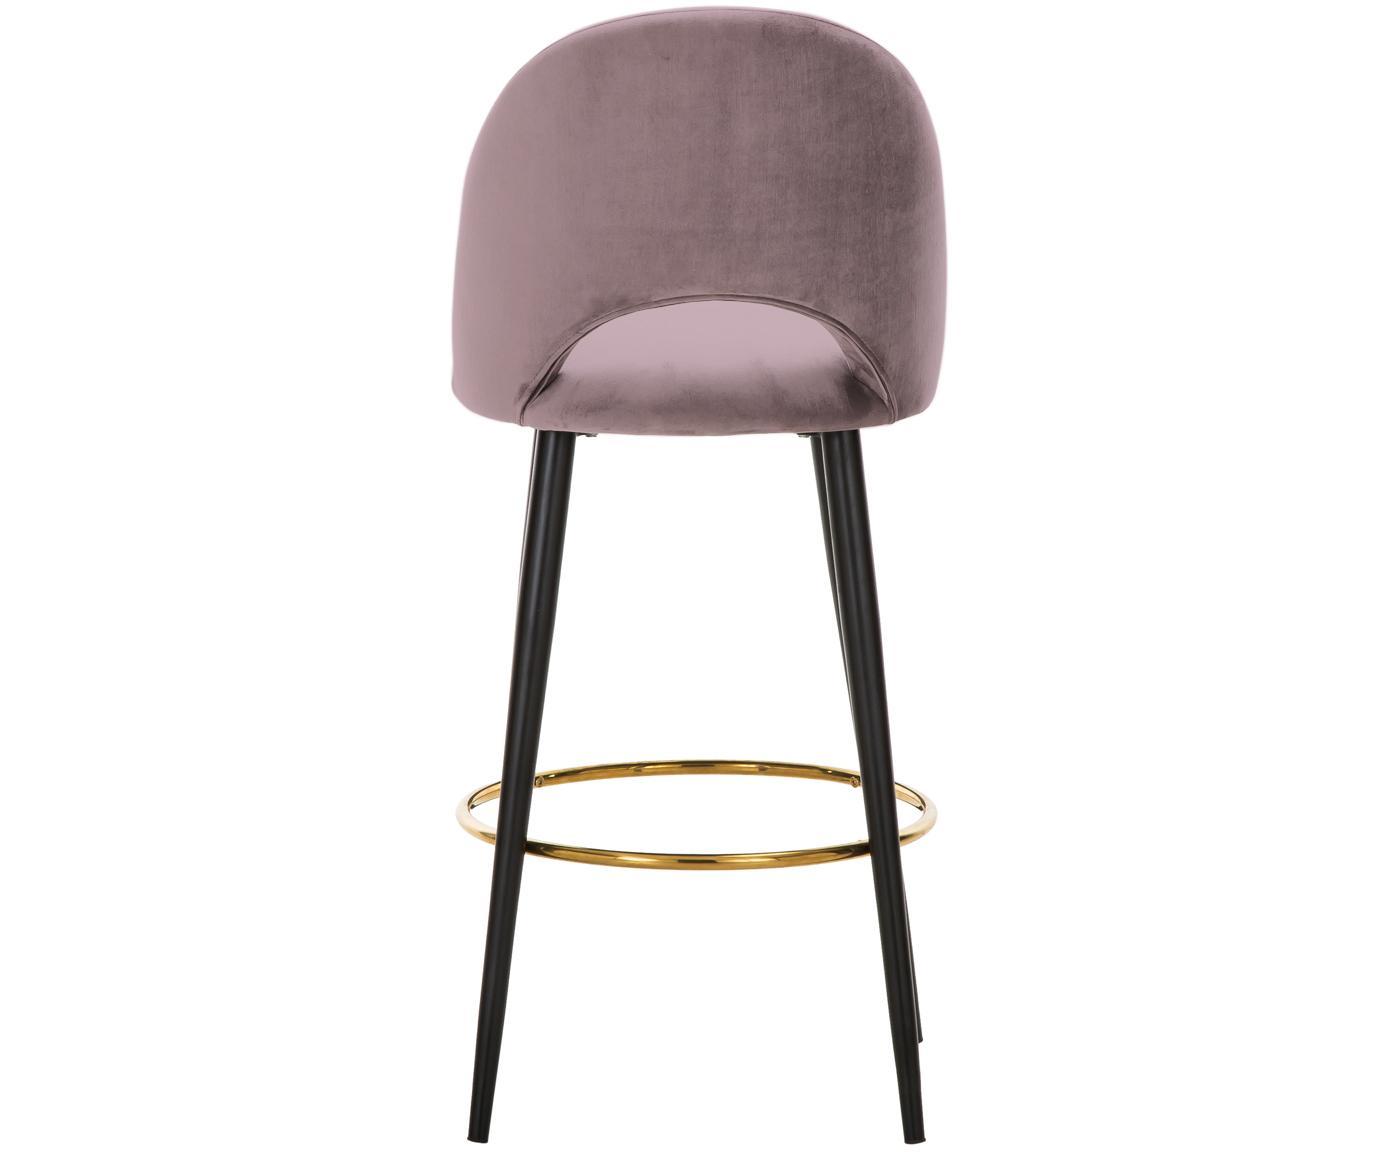 Krzesło barowe z aksamitu Rachel, Tapicerka: aksamit (poliester) 5000, Nogi: metal malowany proszkowo , Aksamitny mauve, S 48 x W 110 cm